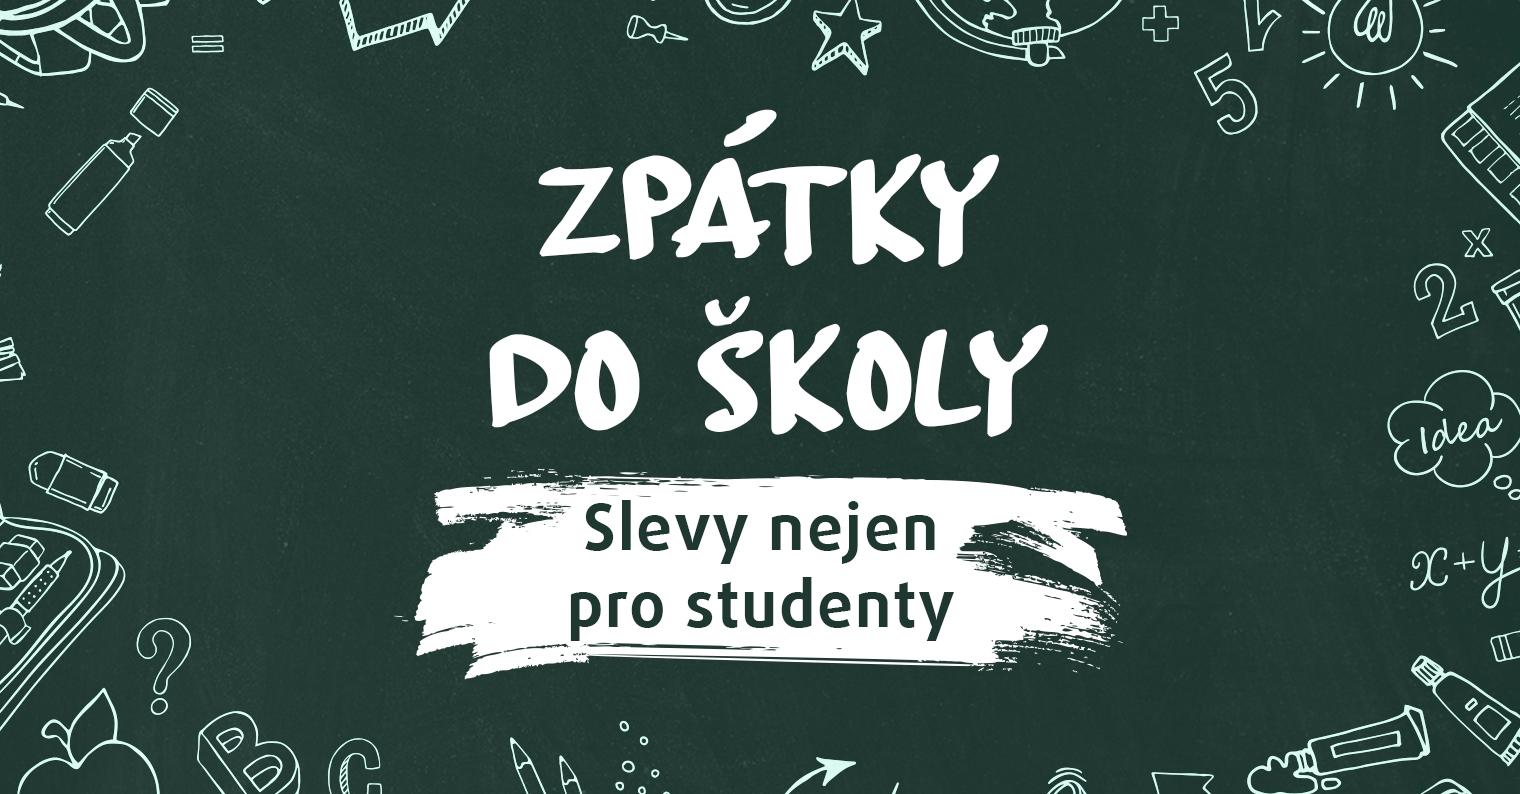 Návrat do školy ve stylu Smarty: slevy nejen pro studenty [sponzorovaný článek]